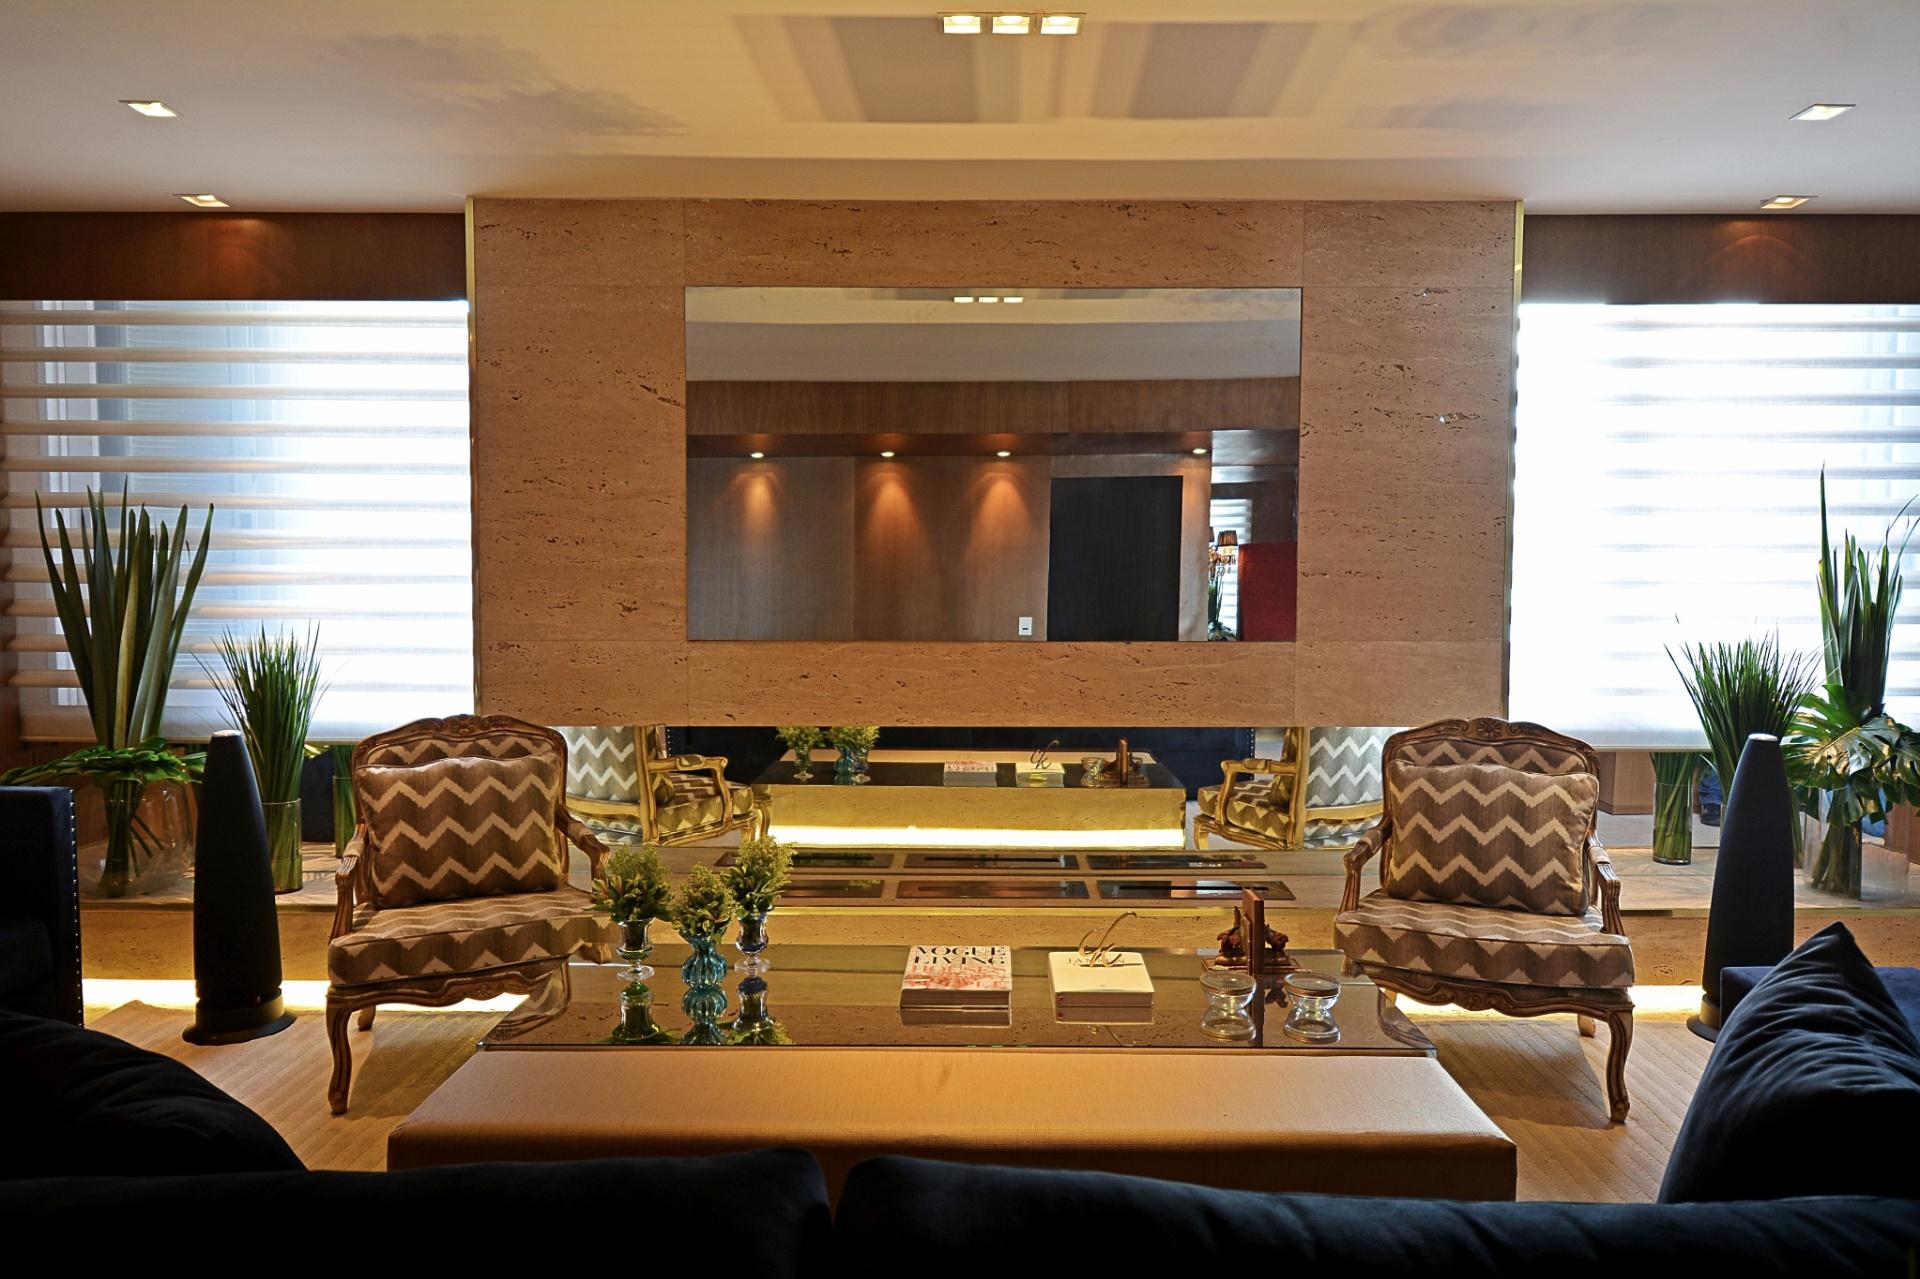 #9A6C31 Salas de estar: sugestões para quem tem muito ou pouco espaço 1920x1279 píxeis em Decoração De Salas De Tv Grandes